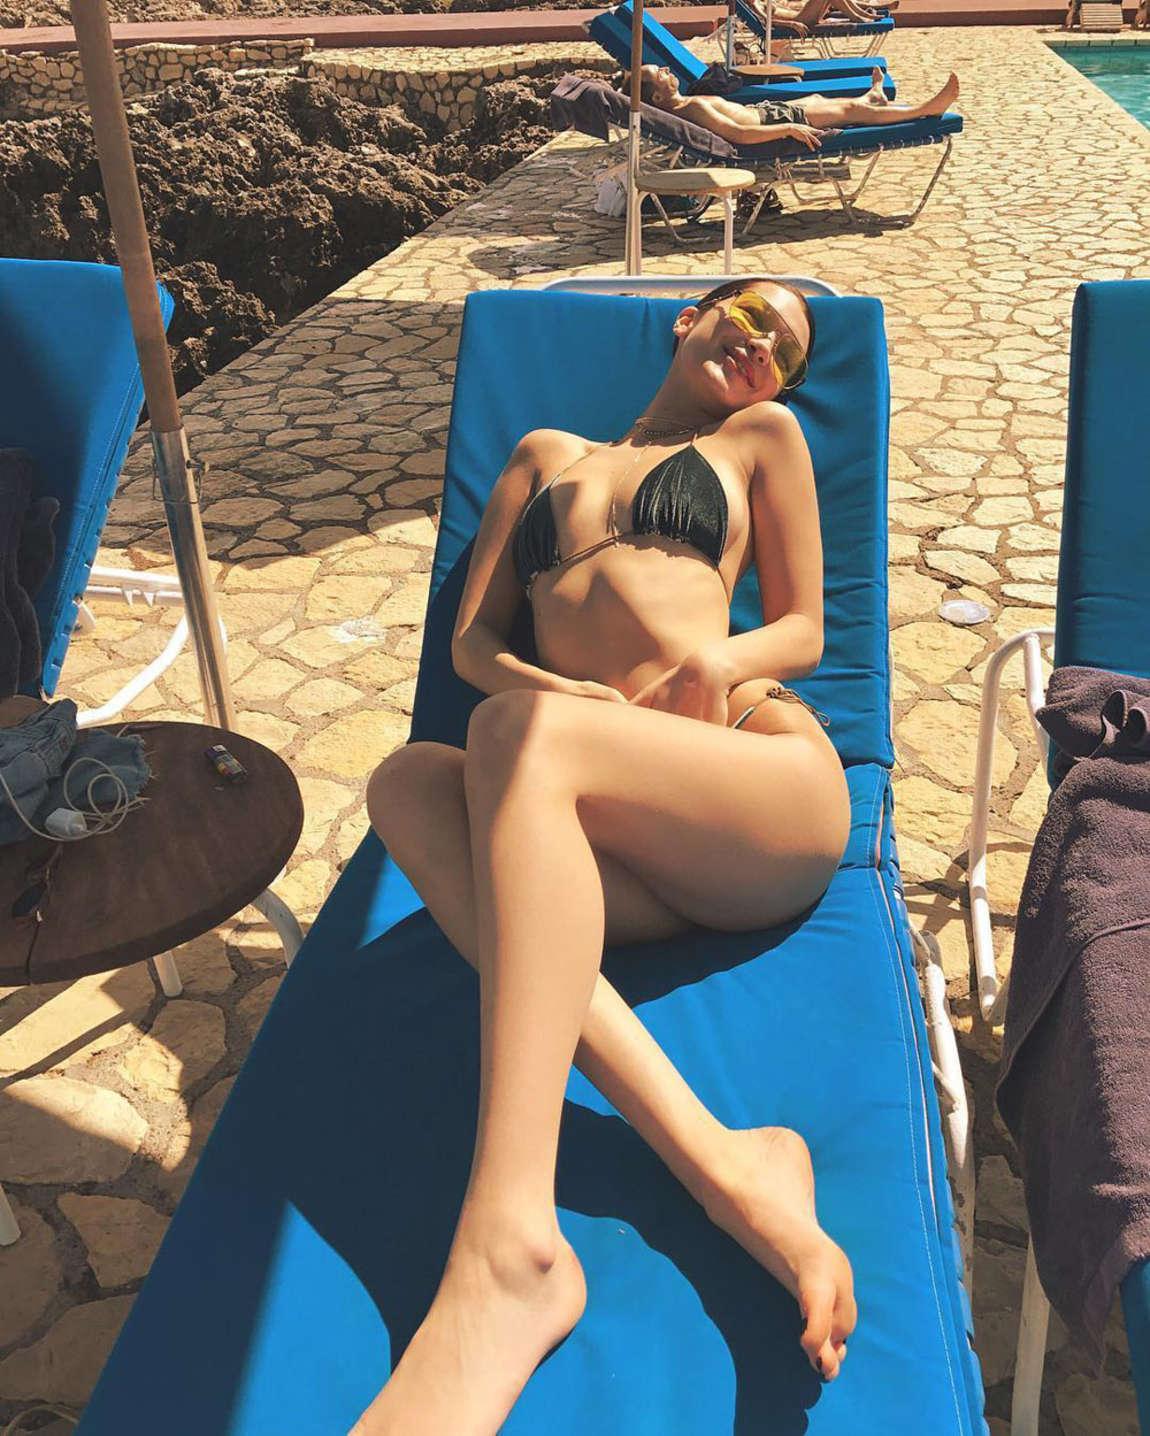 Bella Hadid Hot Instagram Pics  Gotceleb-1659